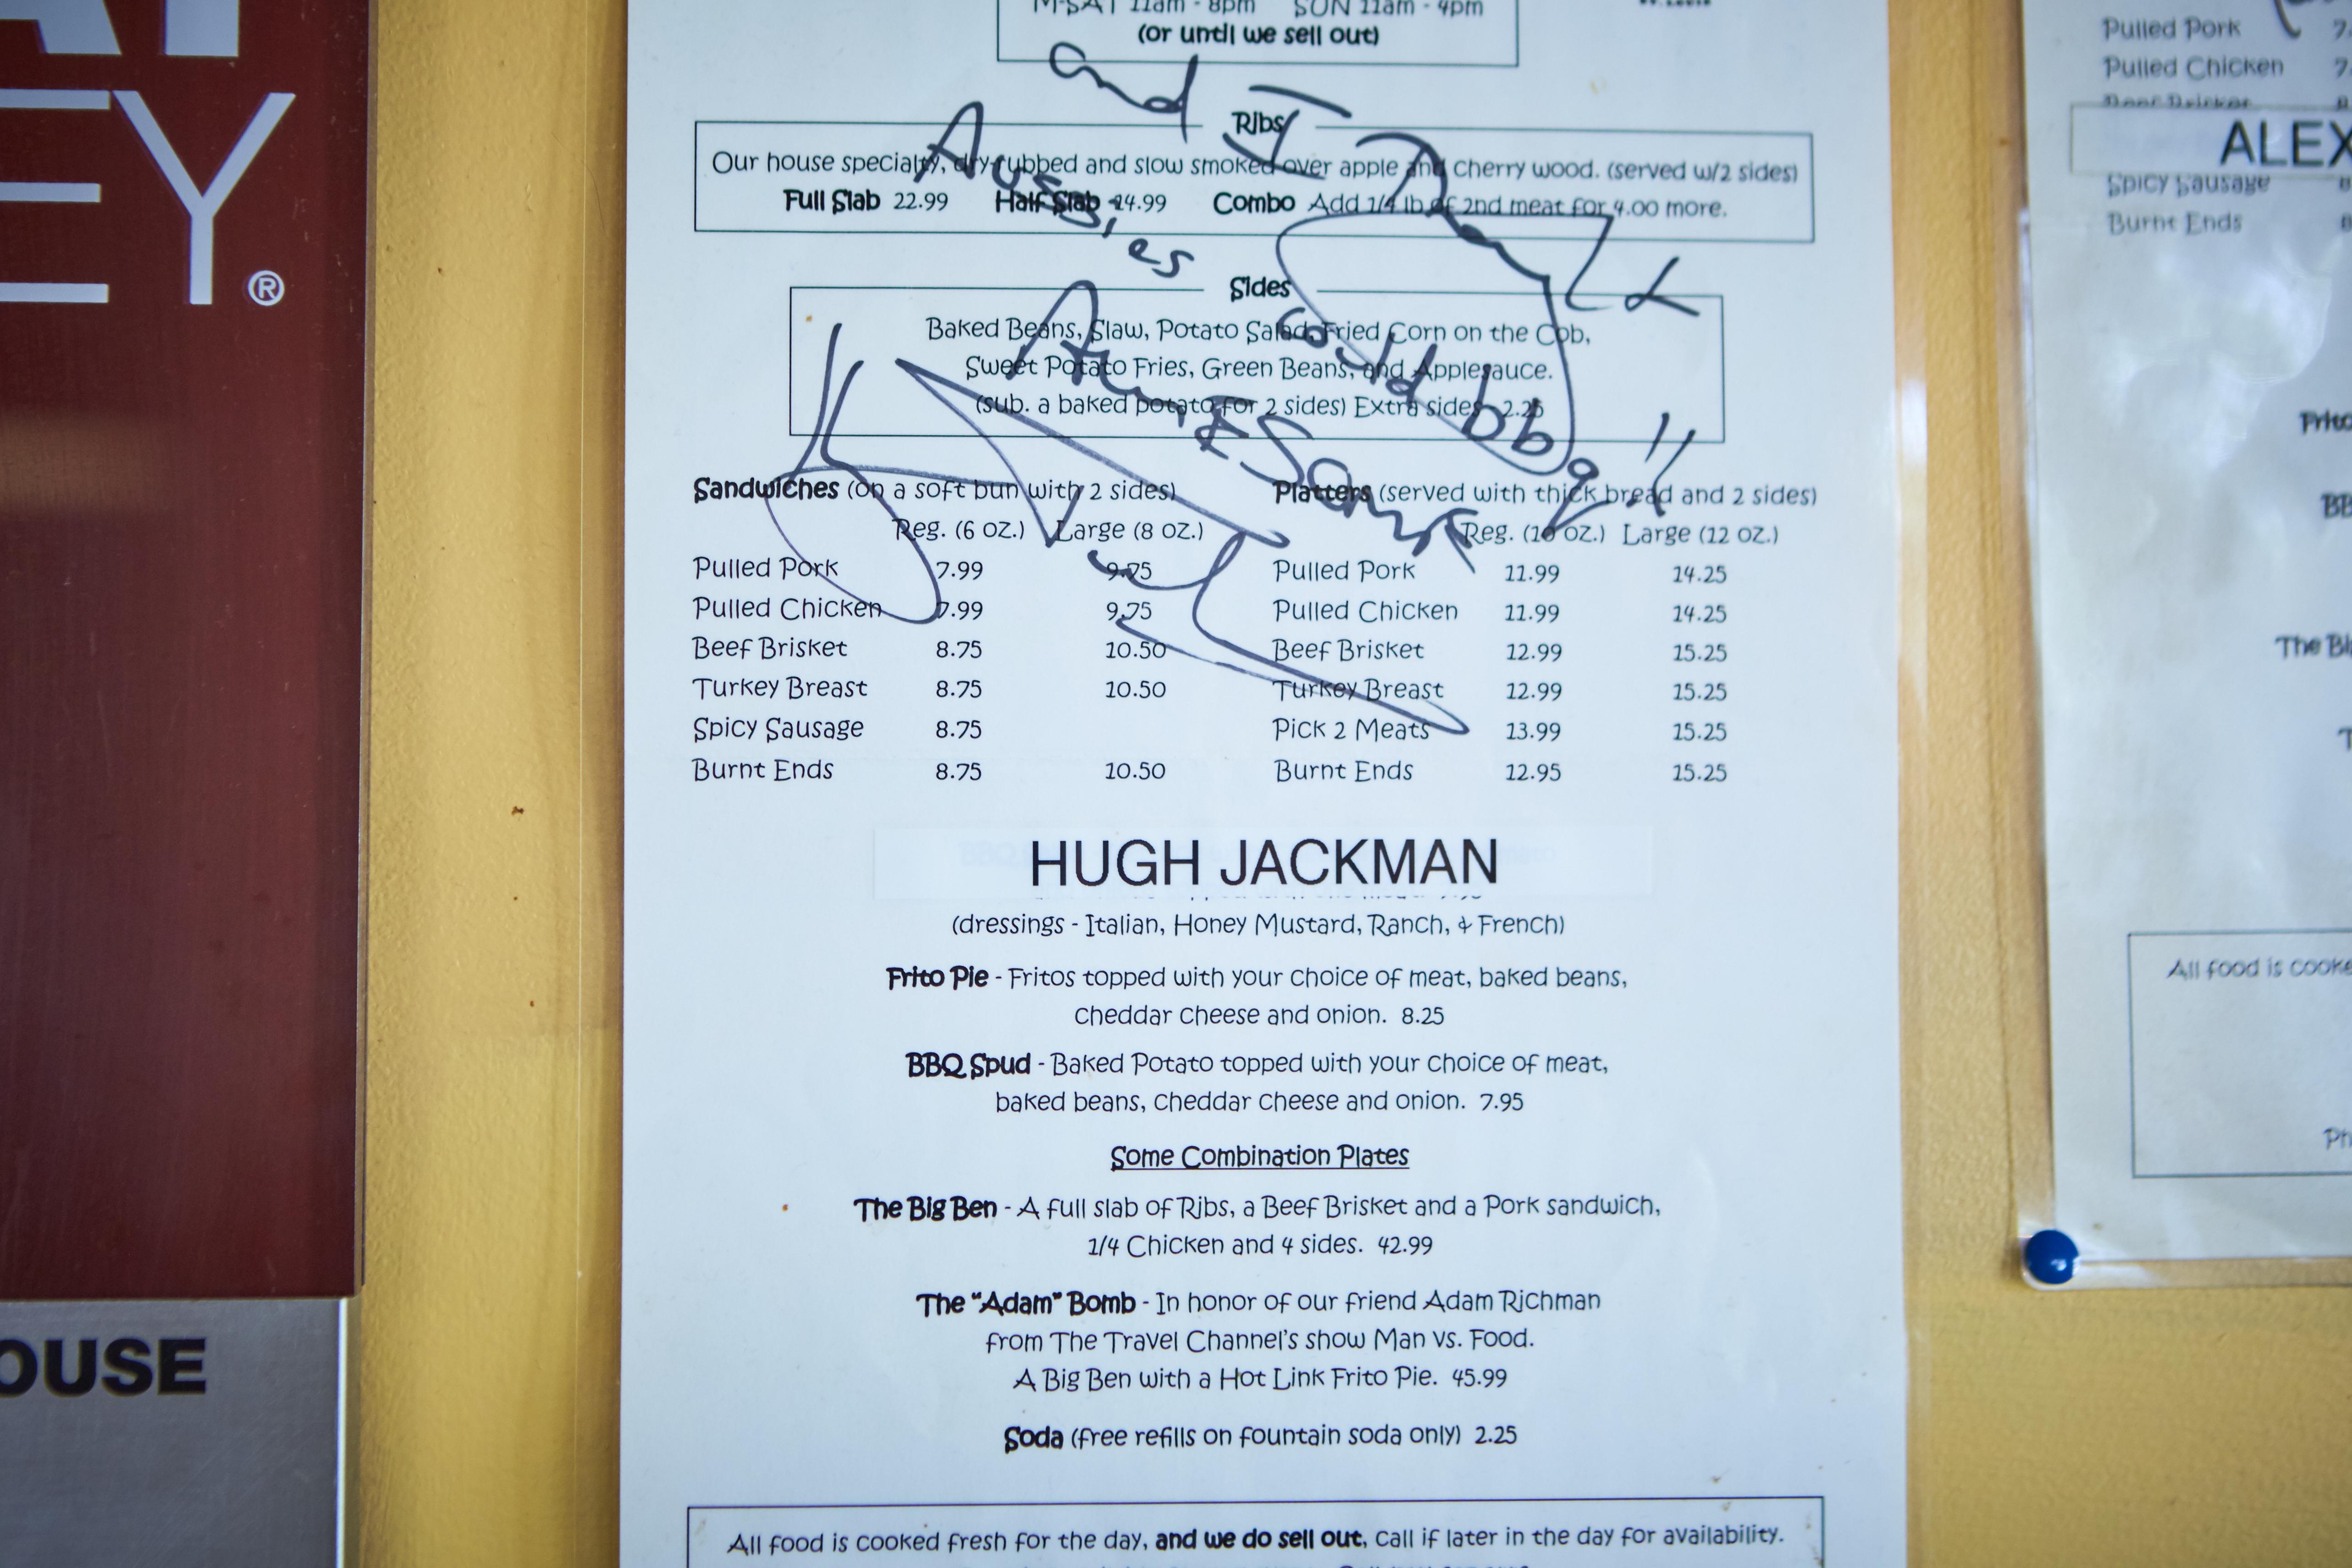 HughJackman